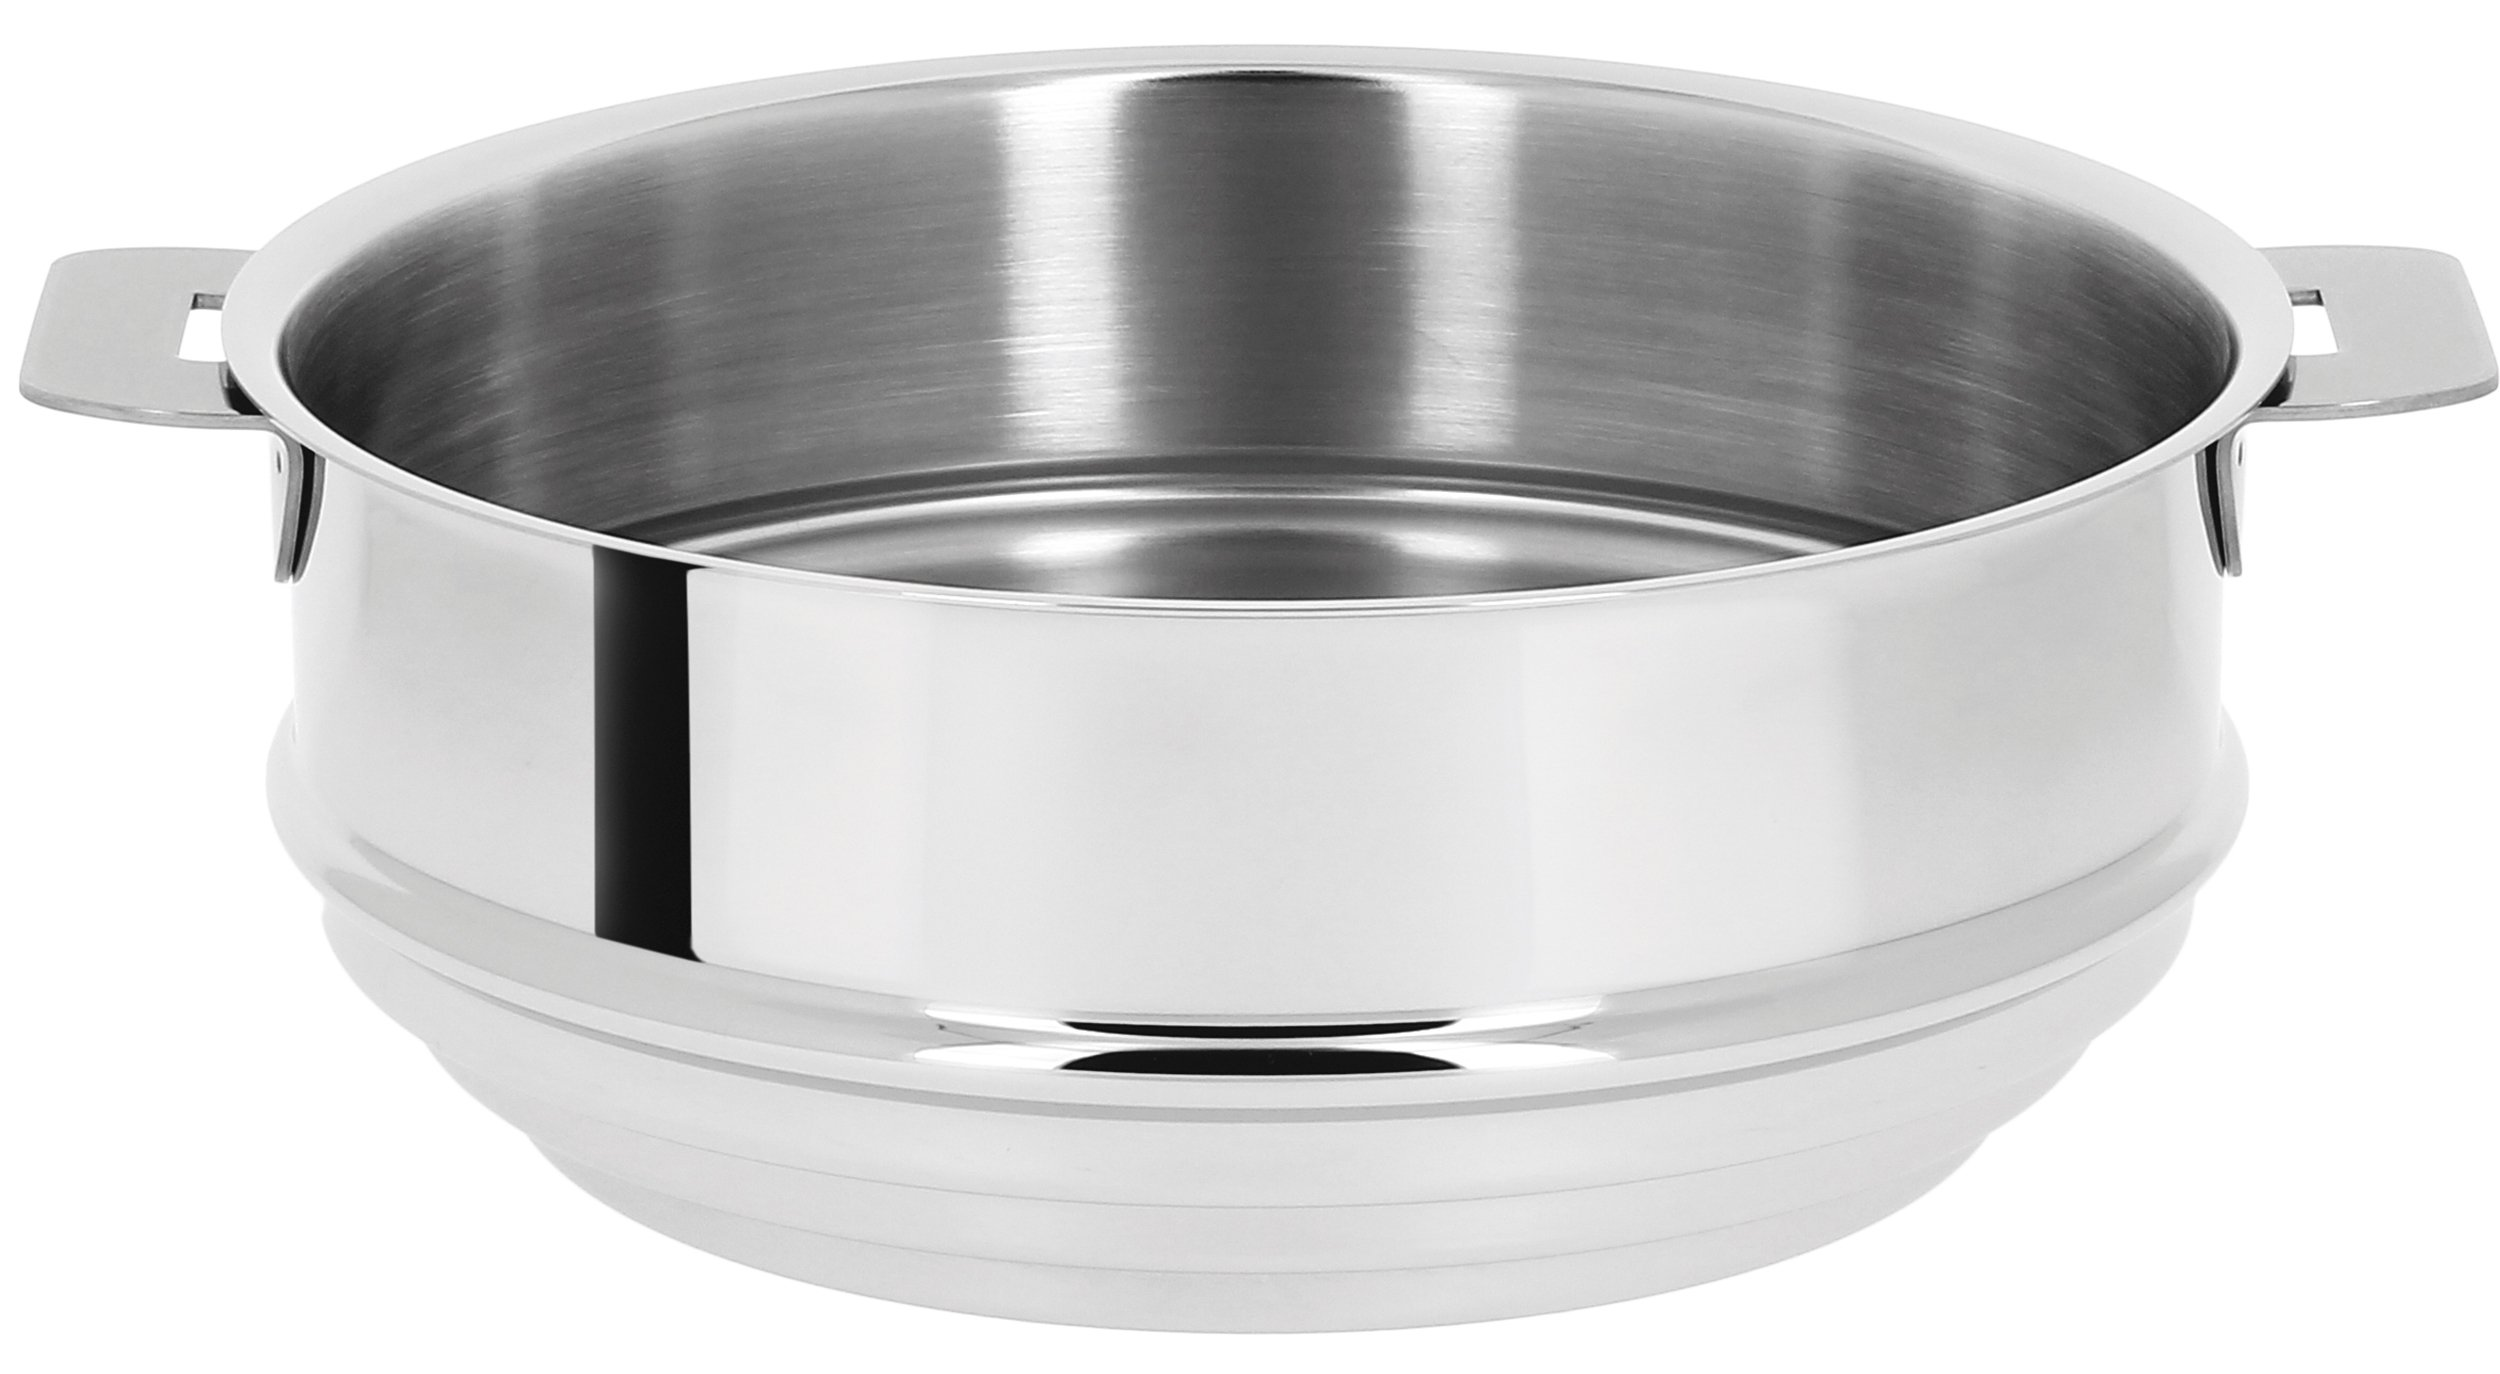 Cristel CVU20Q Steamer, 8'', Silver